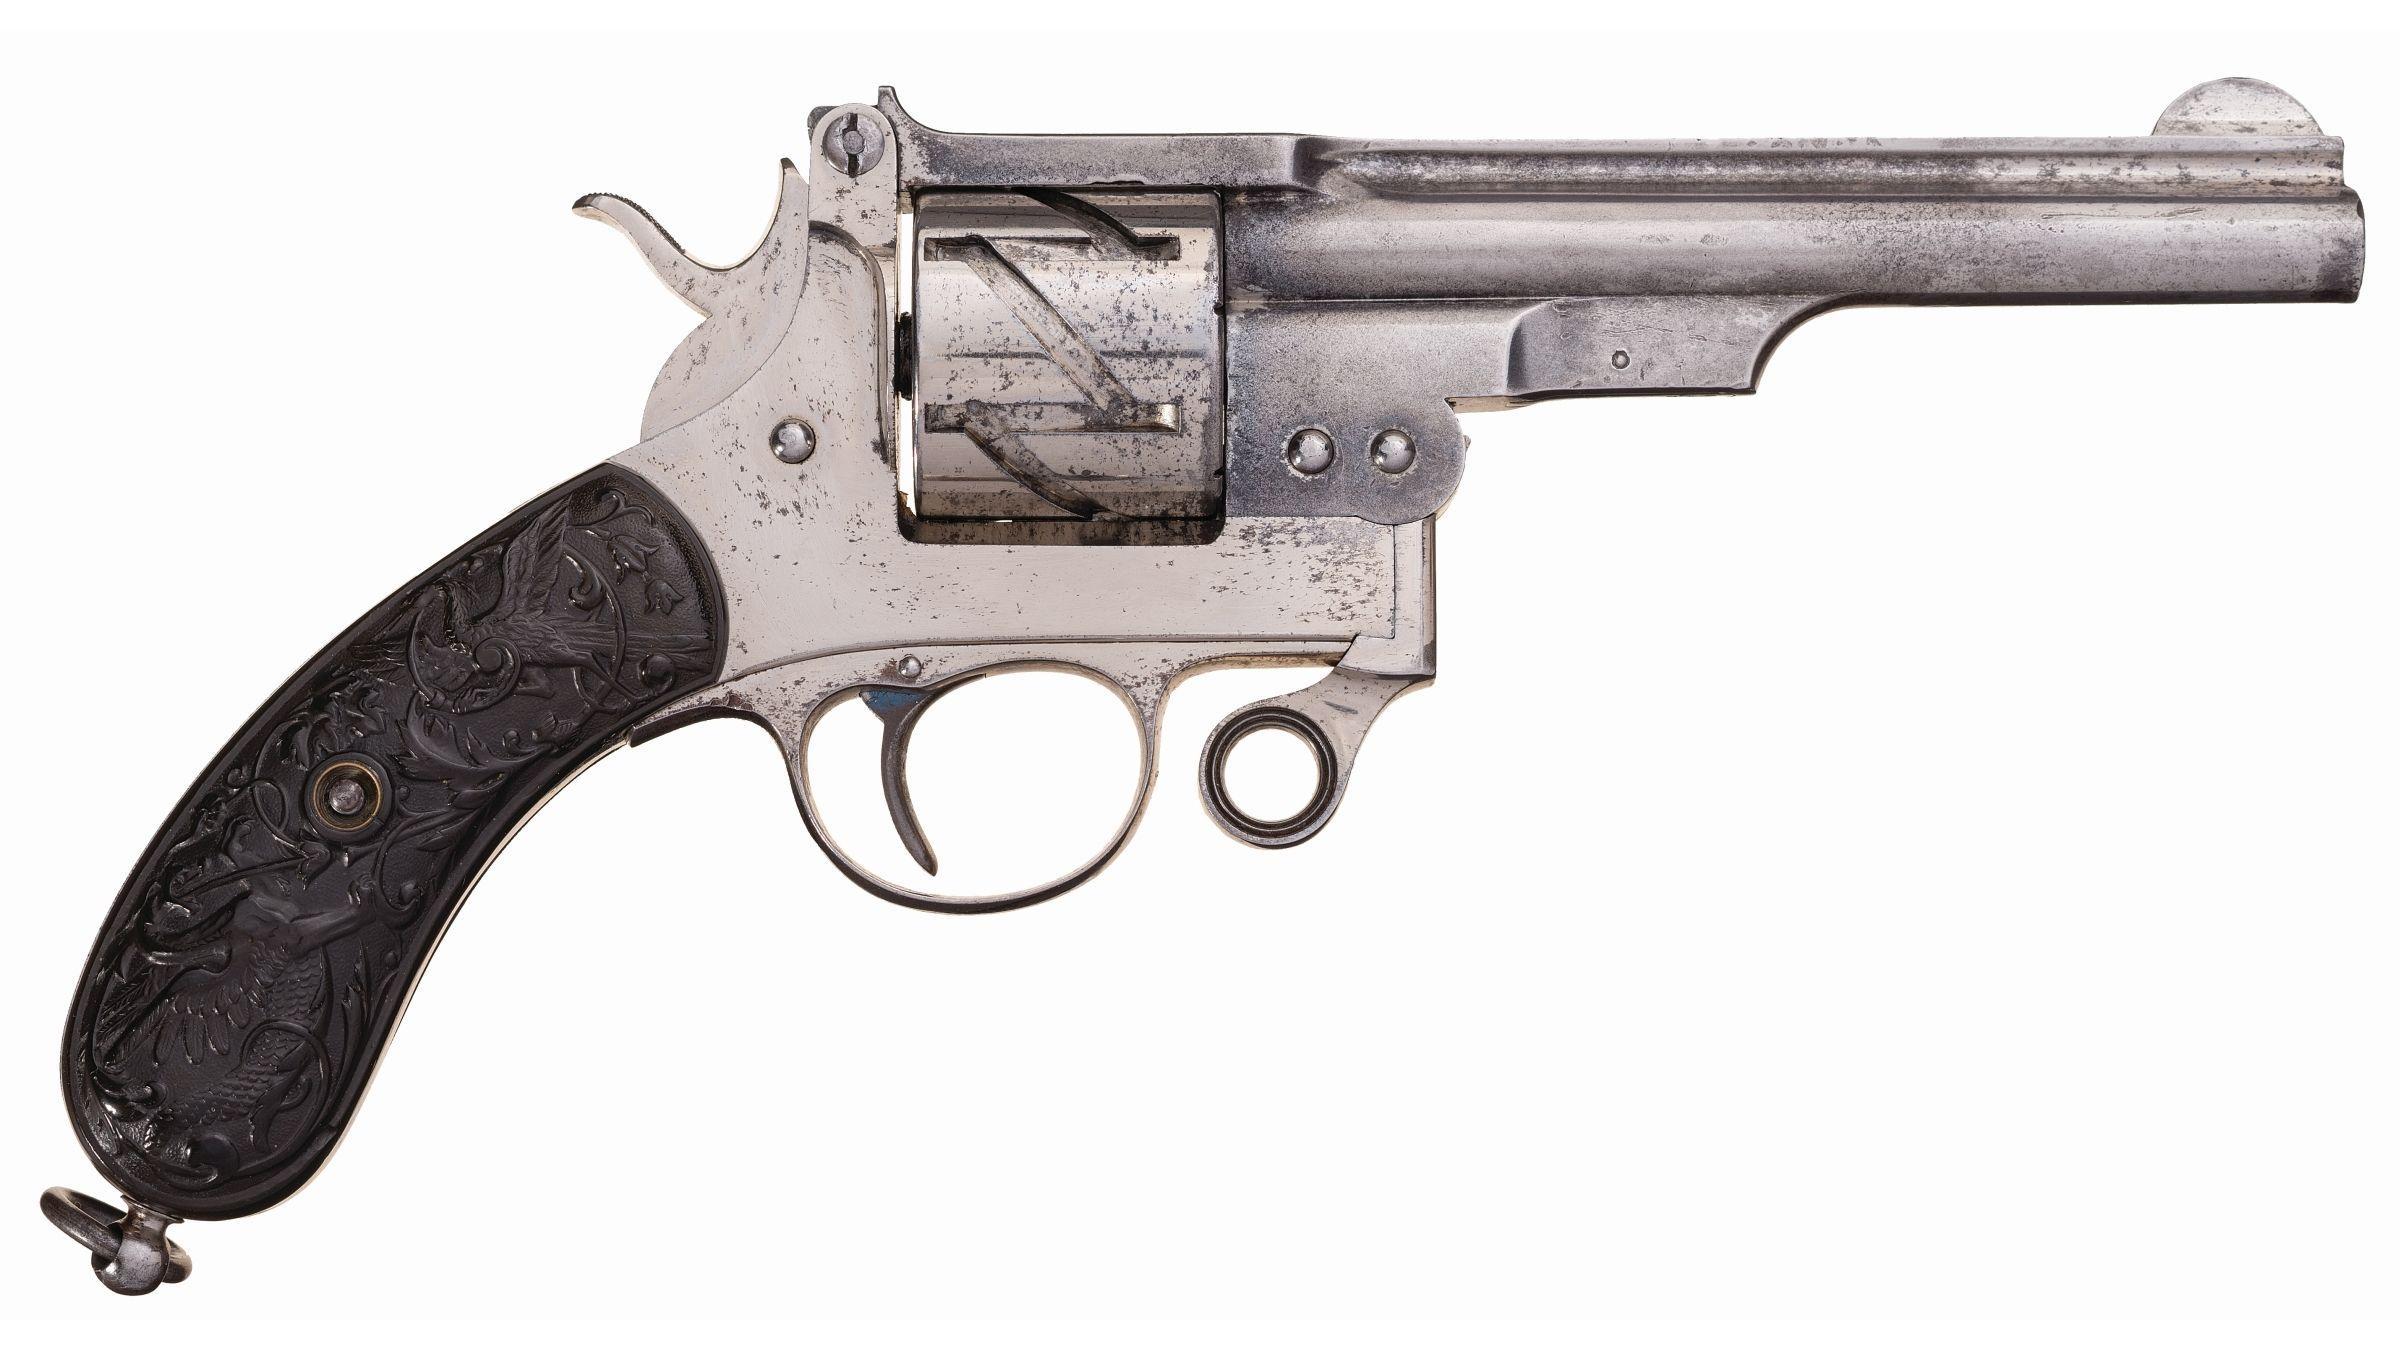 Немецкие пистолеты начала XX века, времен Первой и Второй Мировой войны и до пистолетов современной Германии